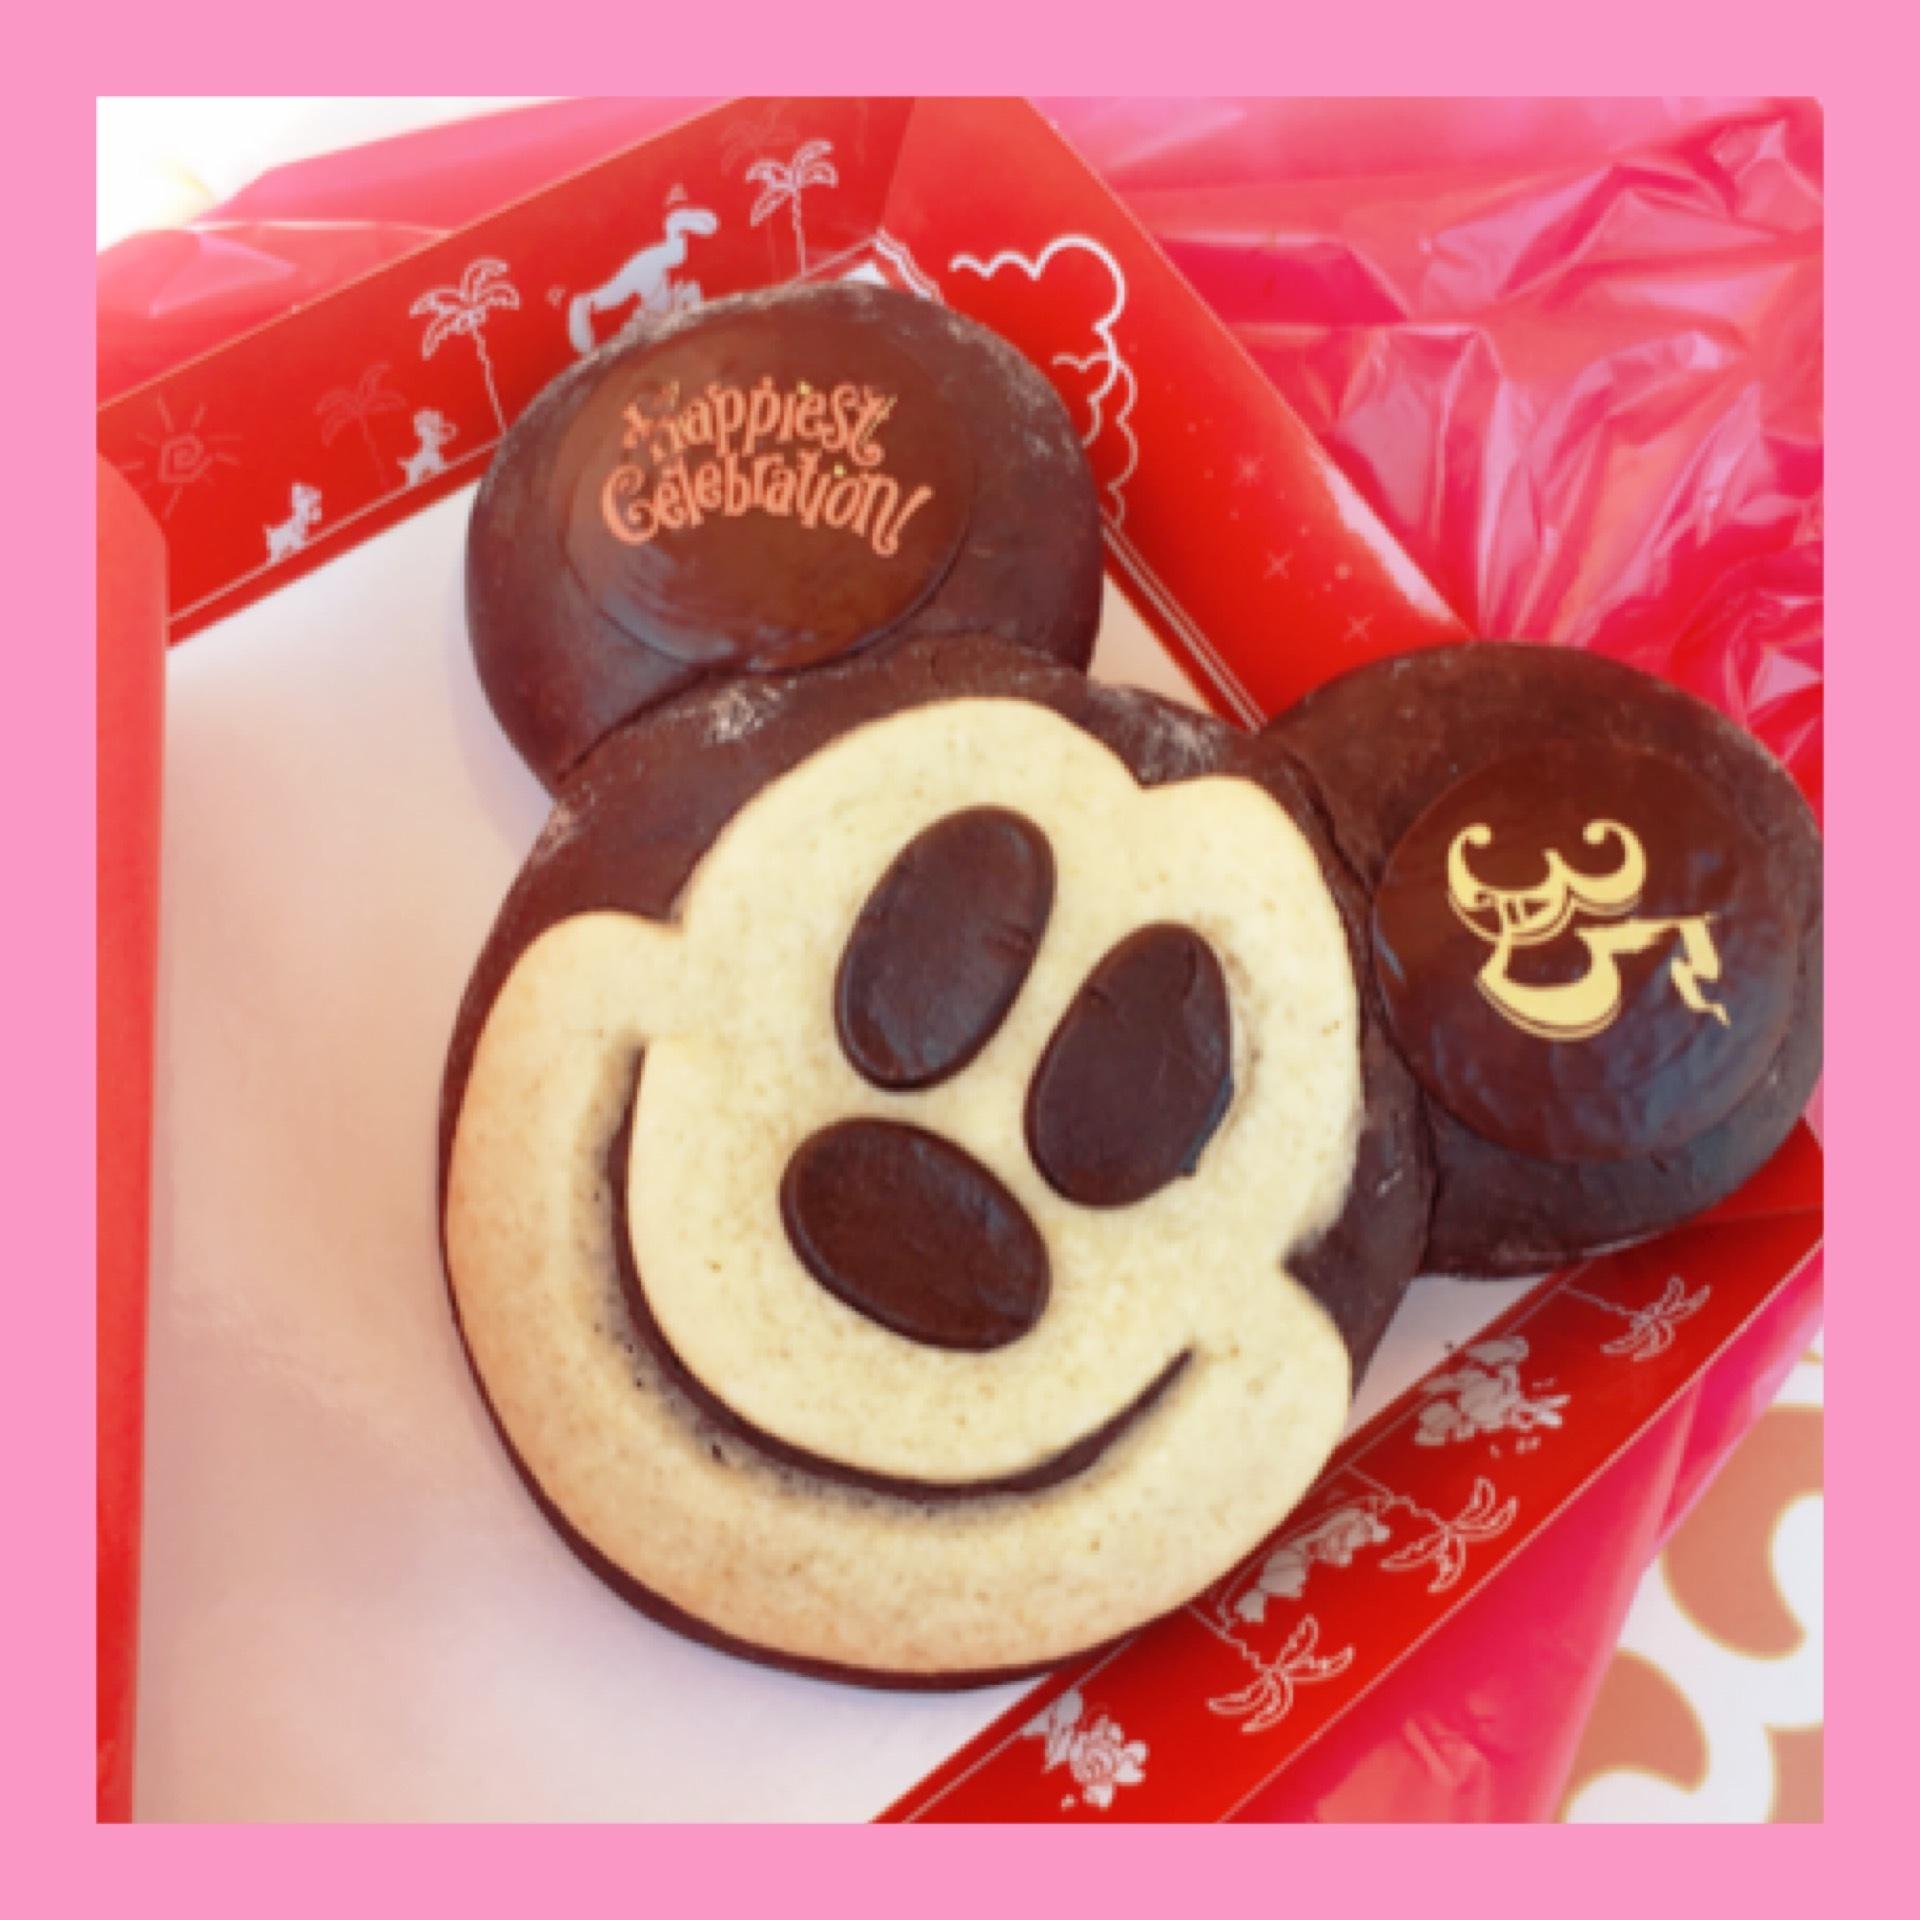 Tokyo Disneyland《 35 Happiest Gelebration! 》スペシャルフード編♫_1_3-1